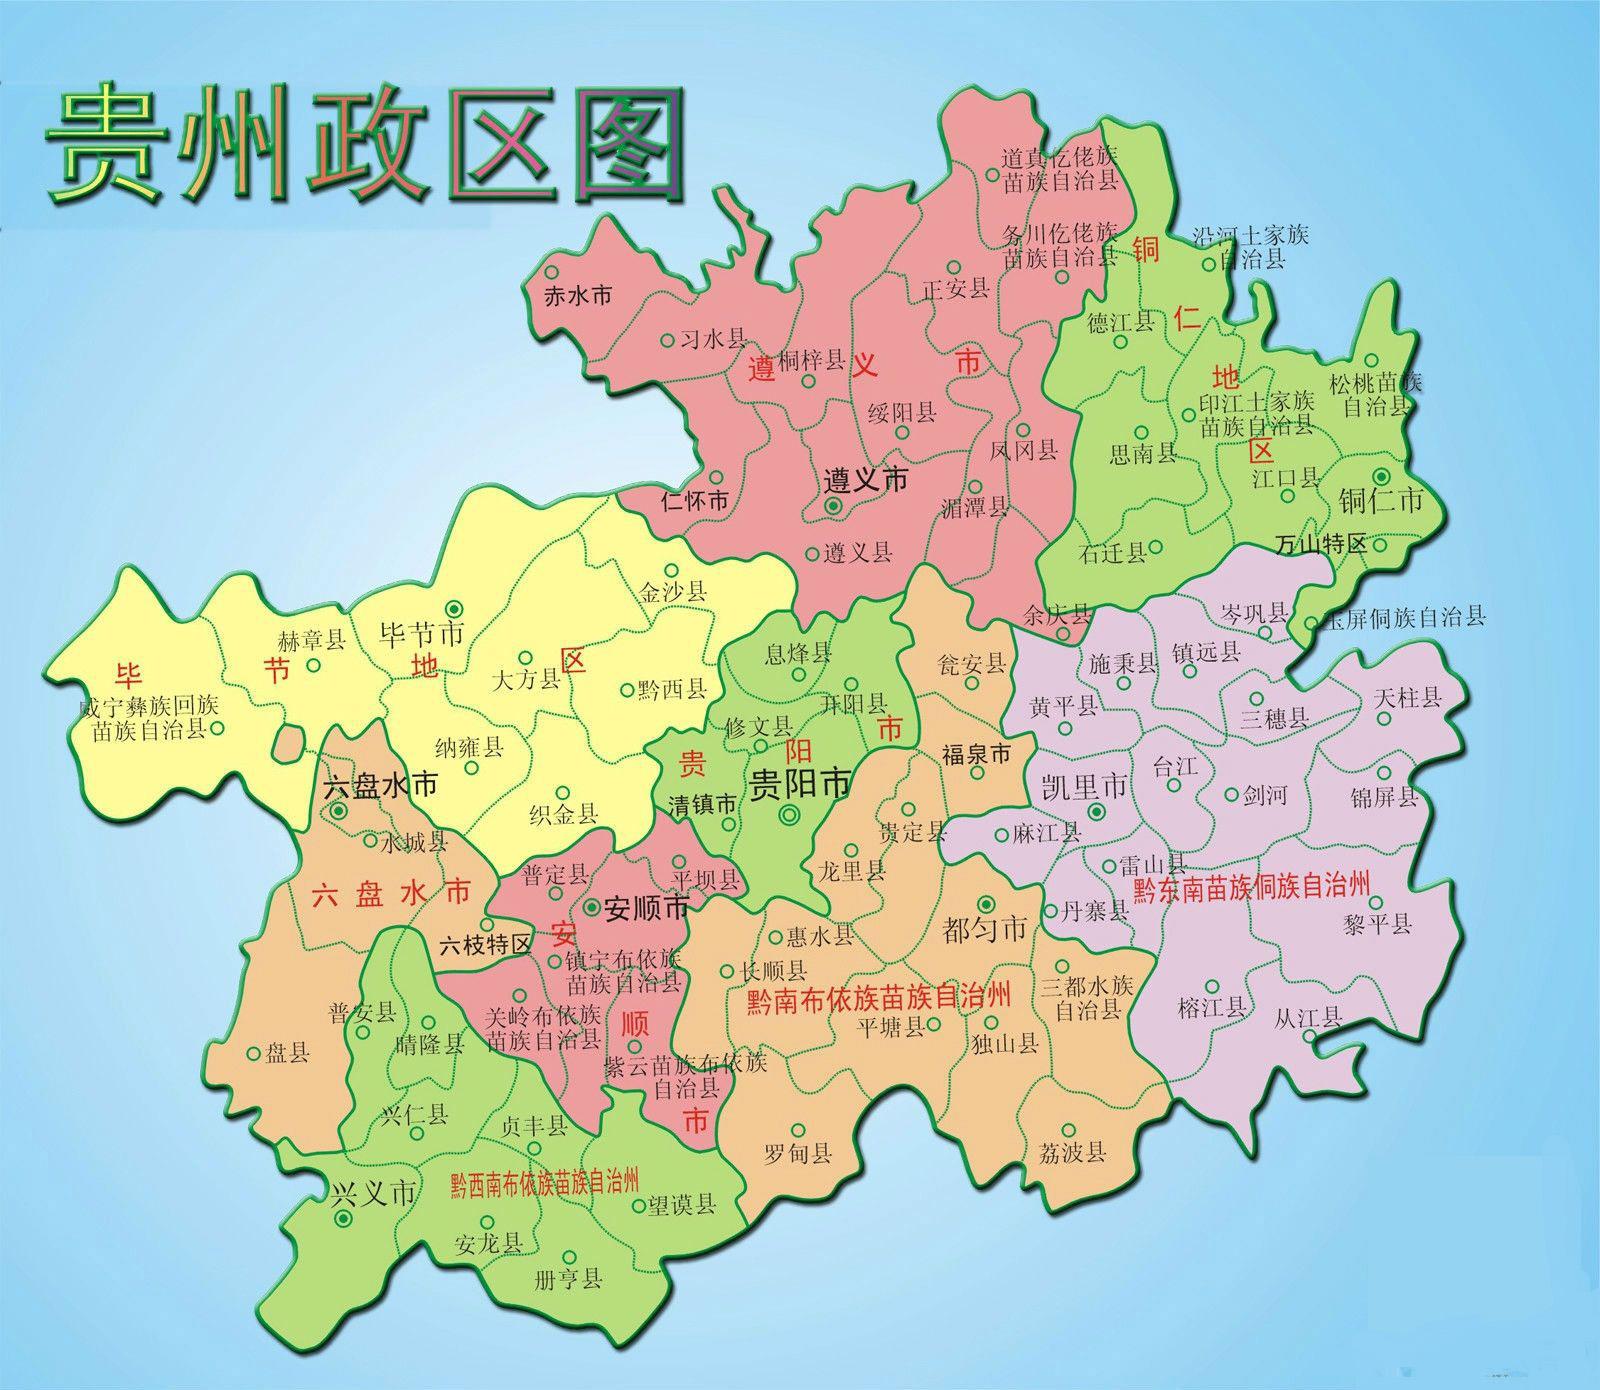 贵阳电子地图提供贵阳公交地图,贵阳市地图高清版,贵阳地图查询,贵阳图片